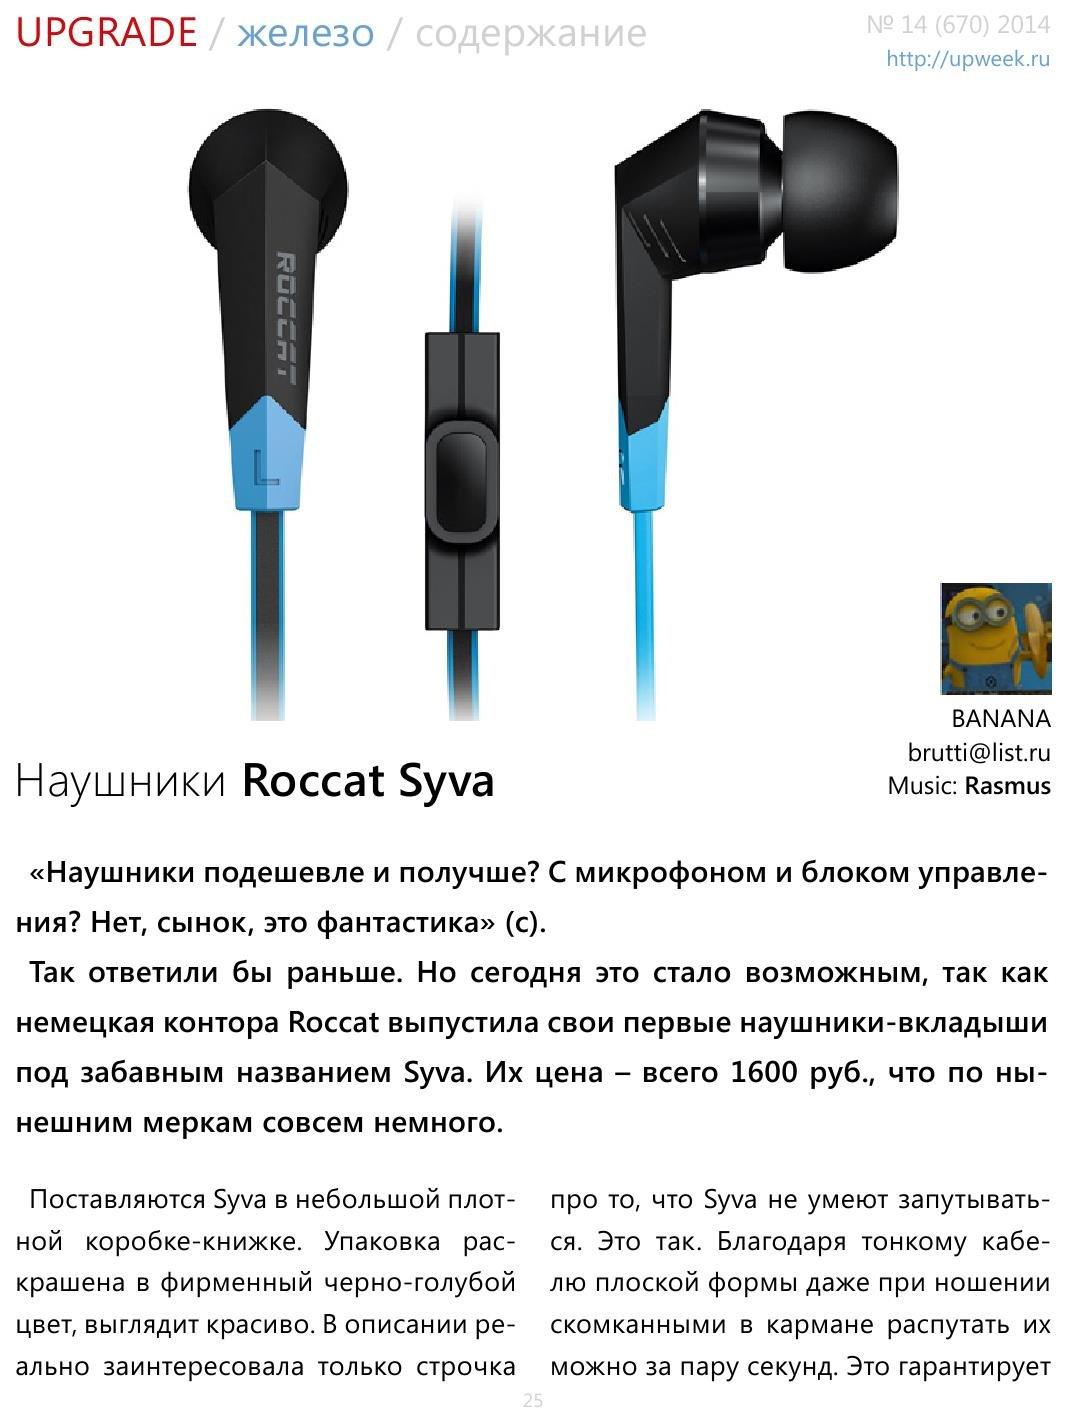 UPgrade №14 (670) (апрель 2014 / Россия) PDF